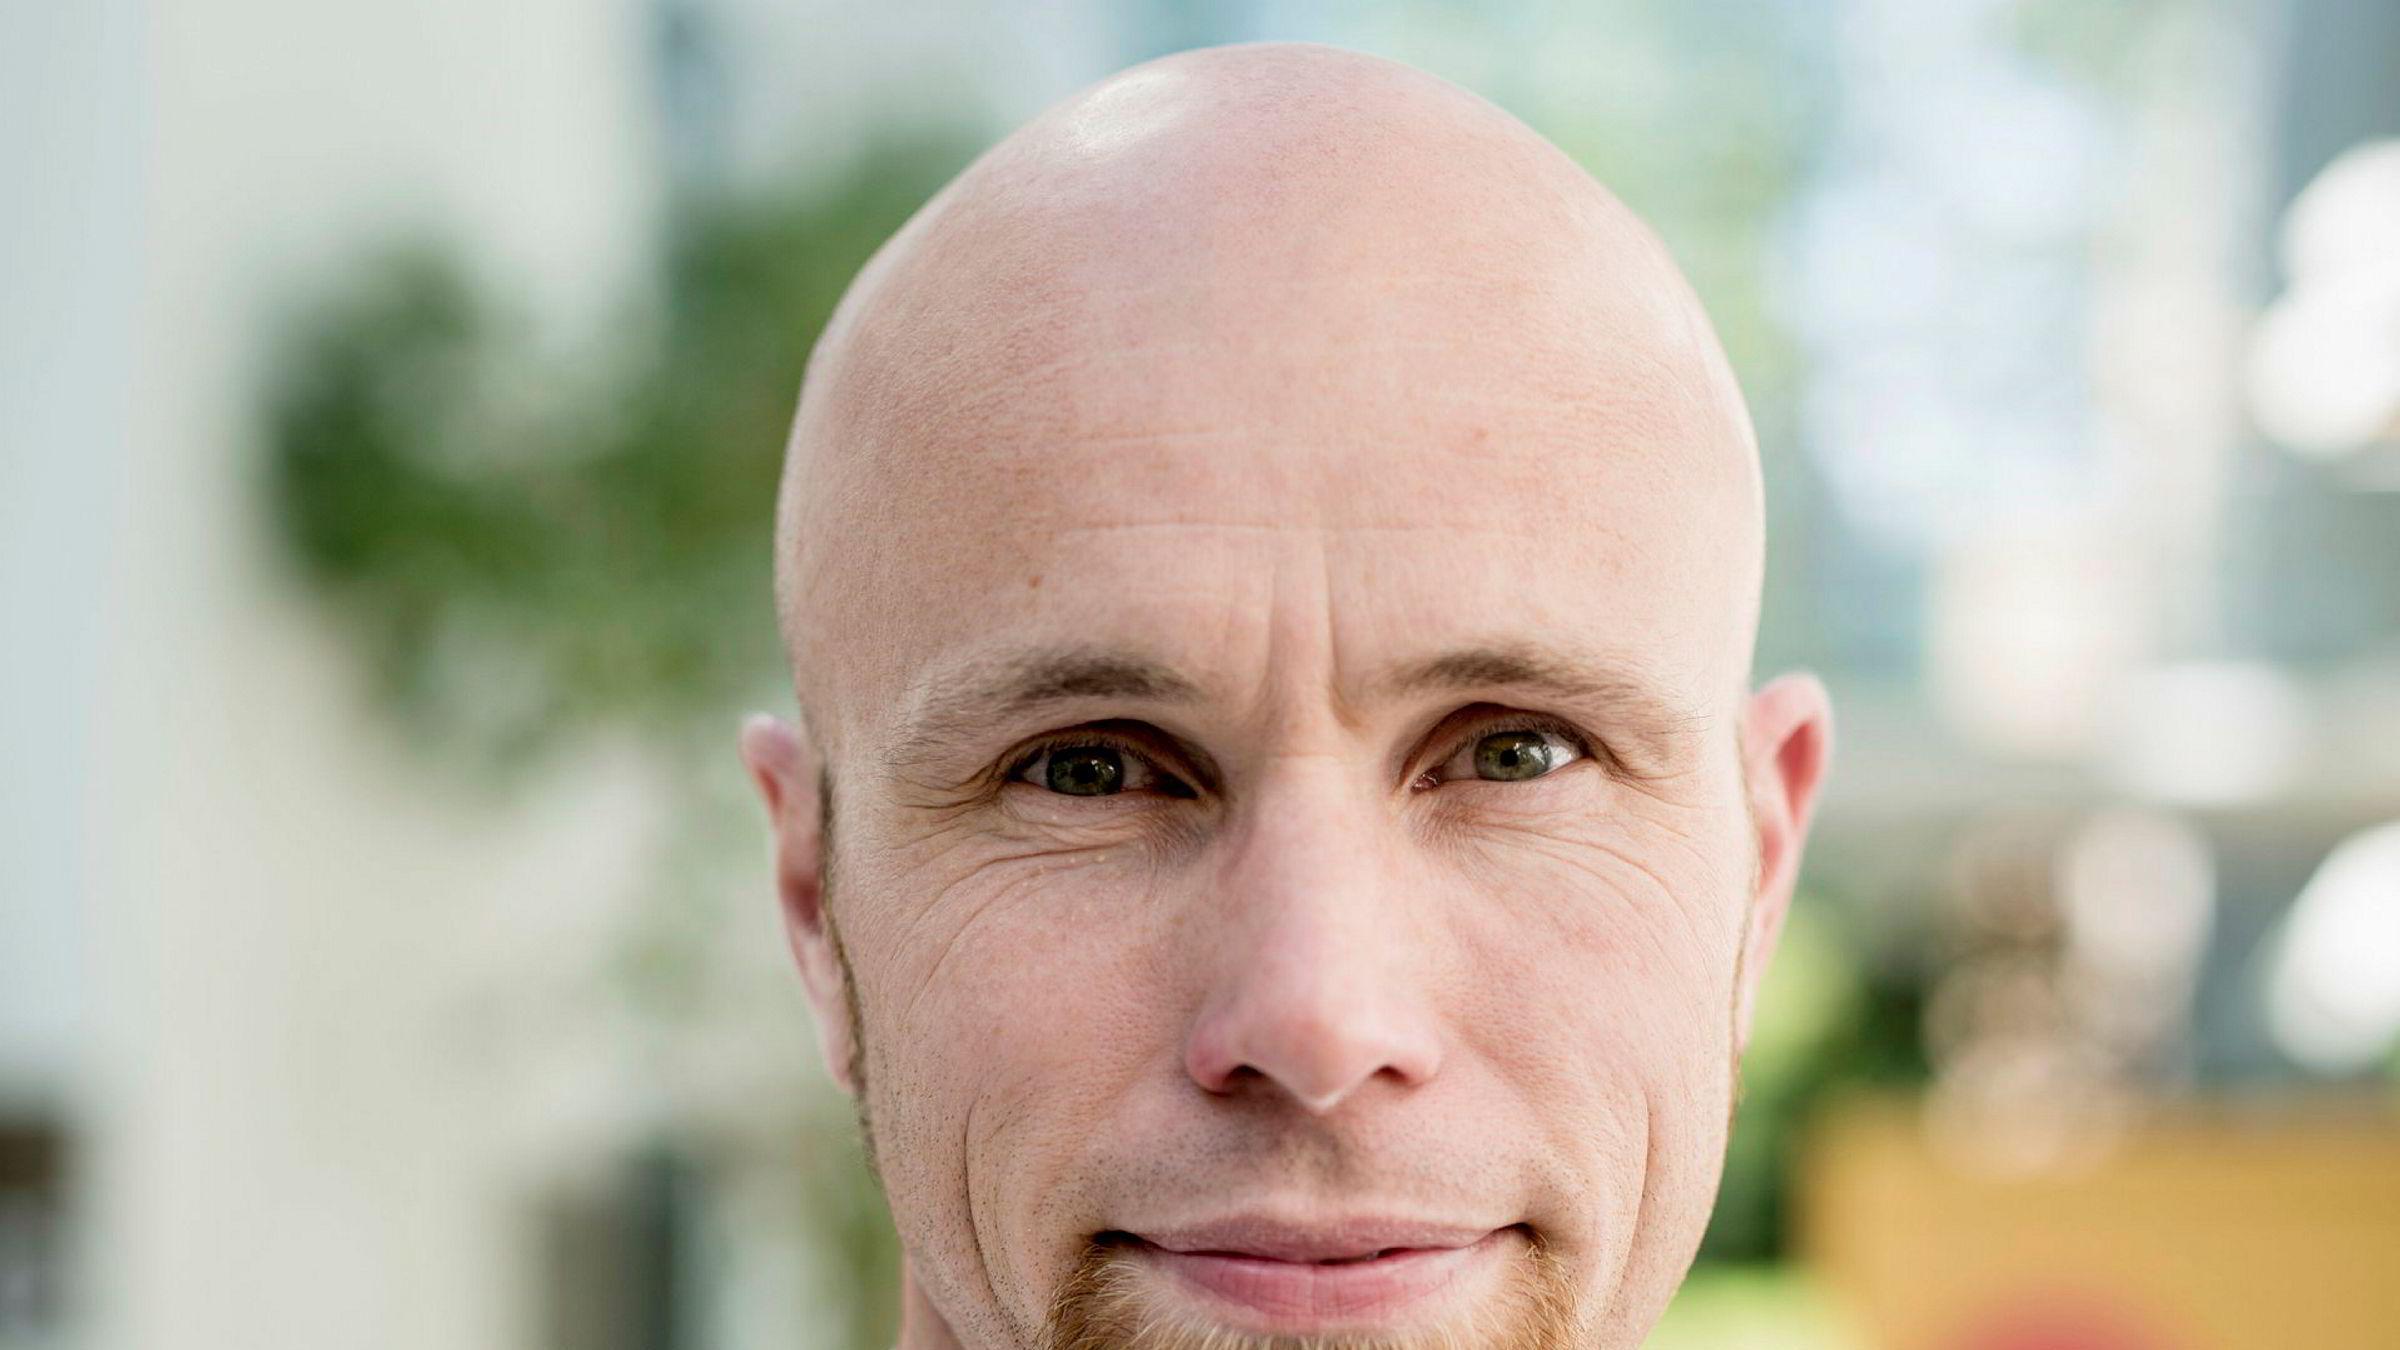 Kirurg Karl Iver Hanvold (43) solgte alle sine Norske Skog-aksjer bare timer før långiverne tok kontroll. - Jeg hadde flaks, sier Hanvold.